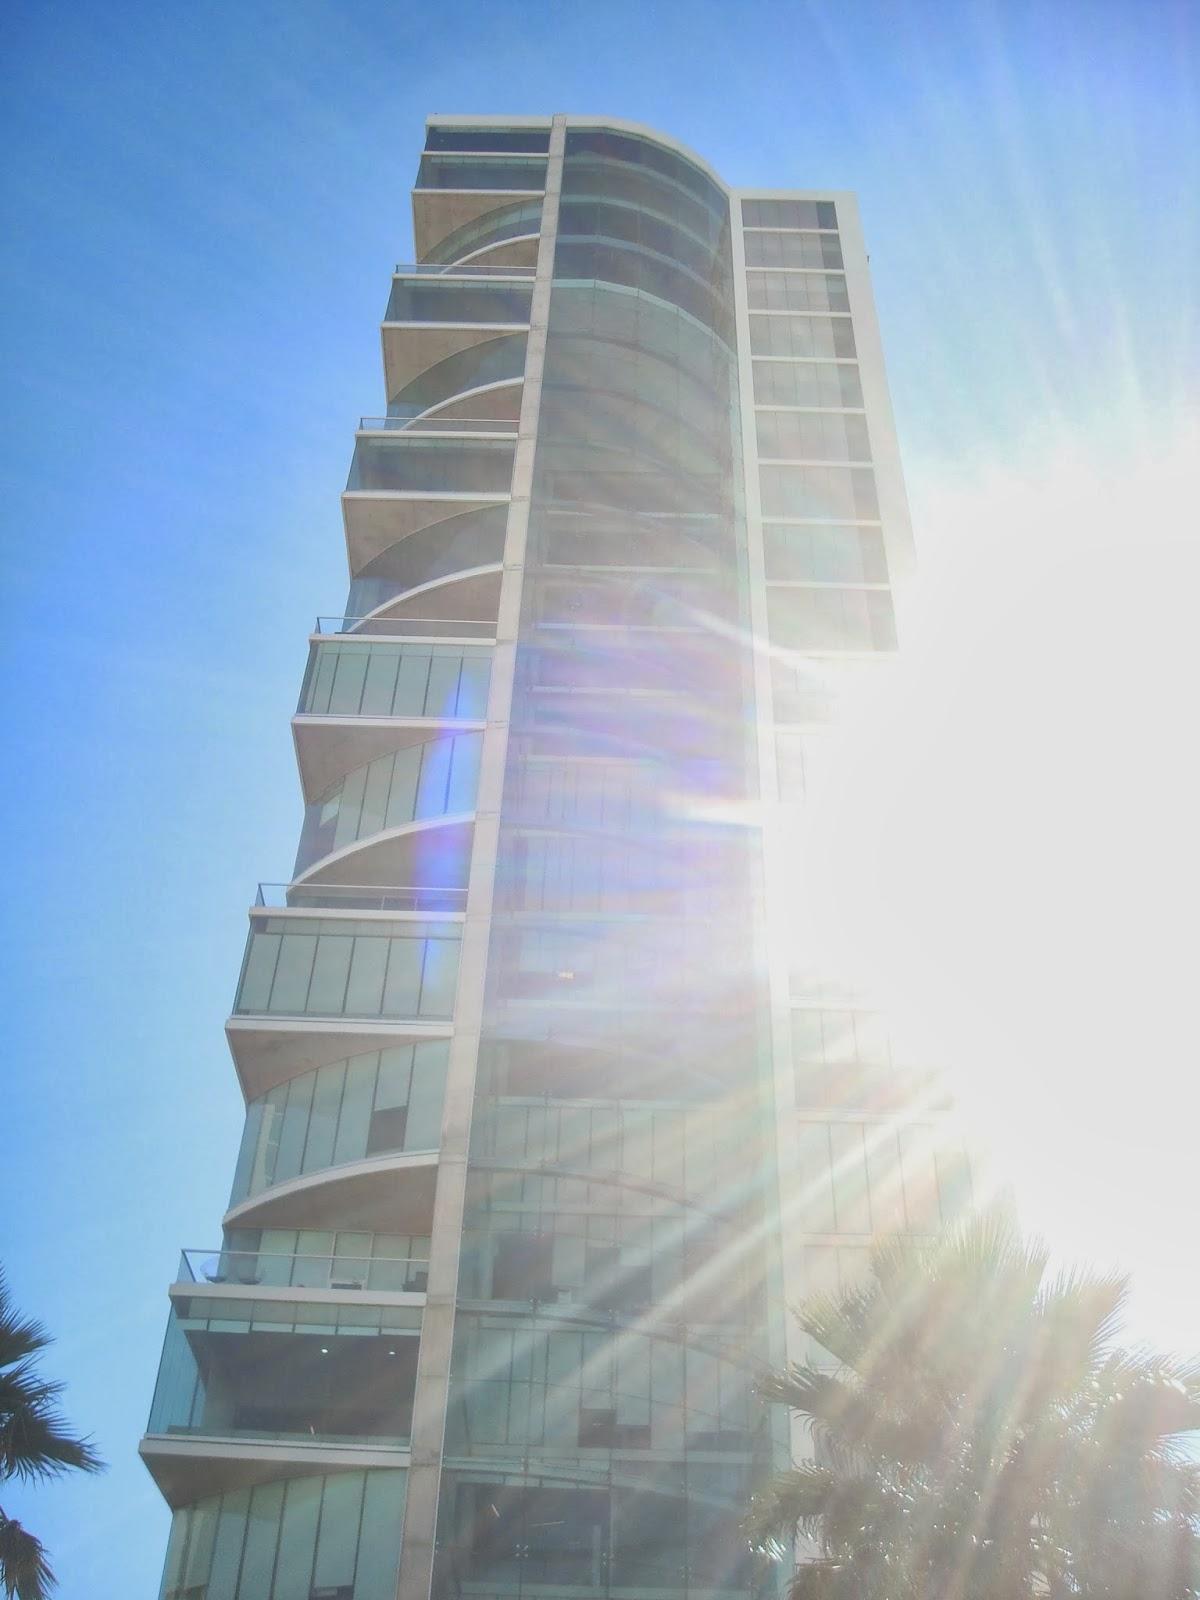 Sancarlosfortin edificio de oficinas en calle real acueducto en zapopan mexico - Edificio de oficinas ...